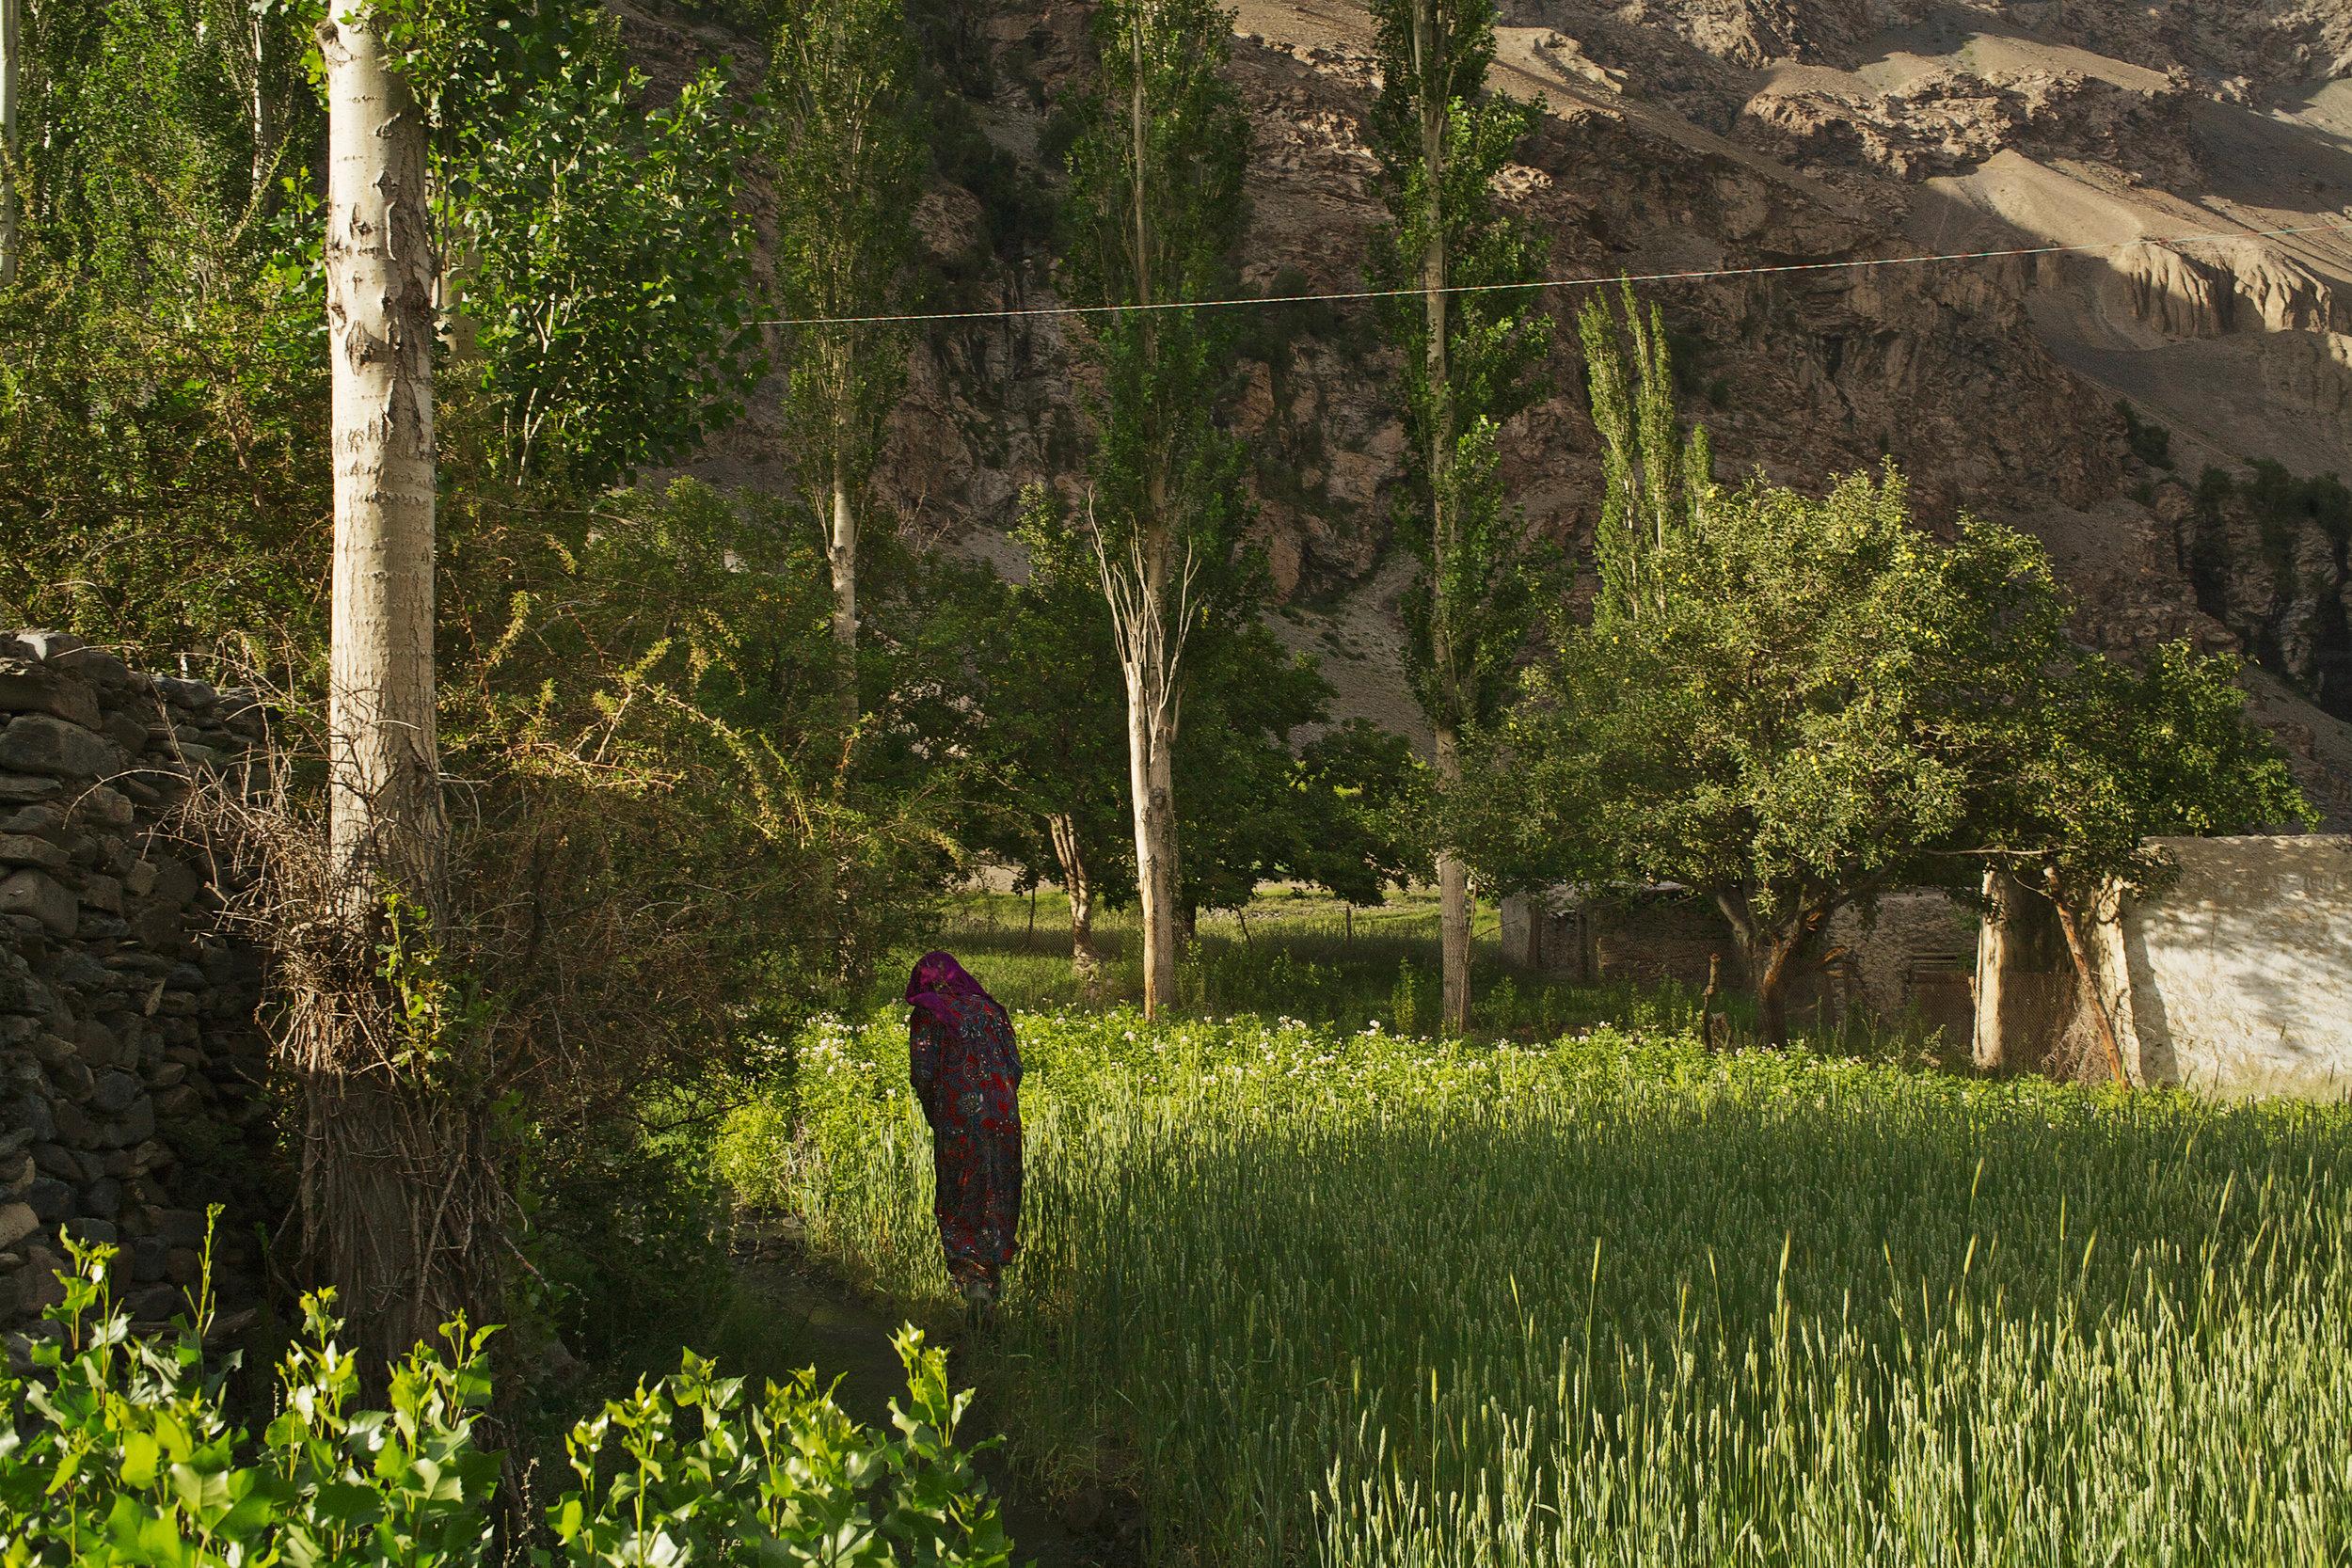 071508tajikistan0014-as-Smart-Object-1.jpg